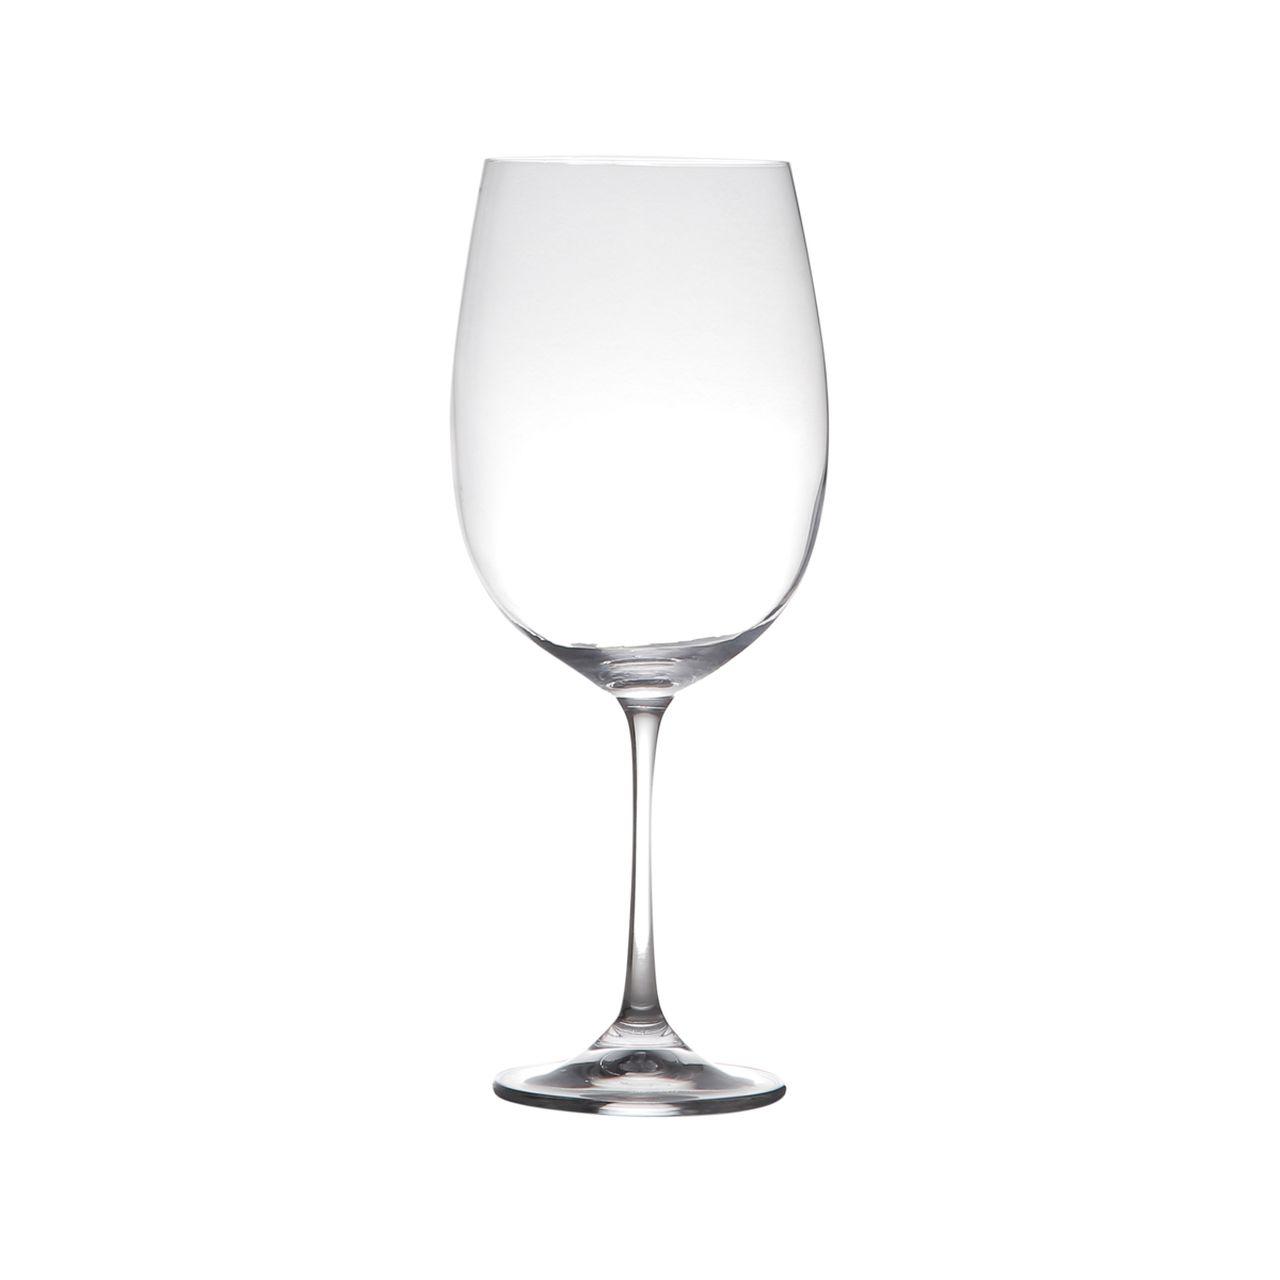 Jg 06 Taças p/ Vinho Luxo Milvus 640ml de Cristal Bohemia